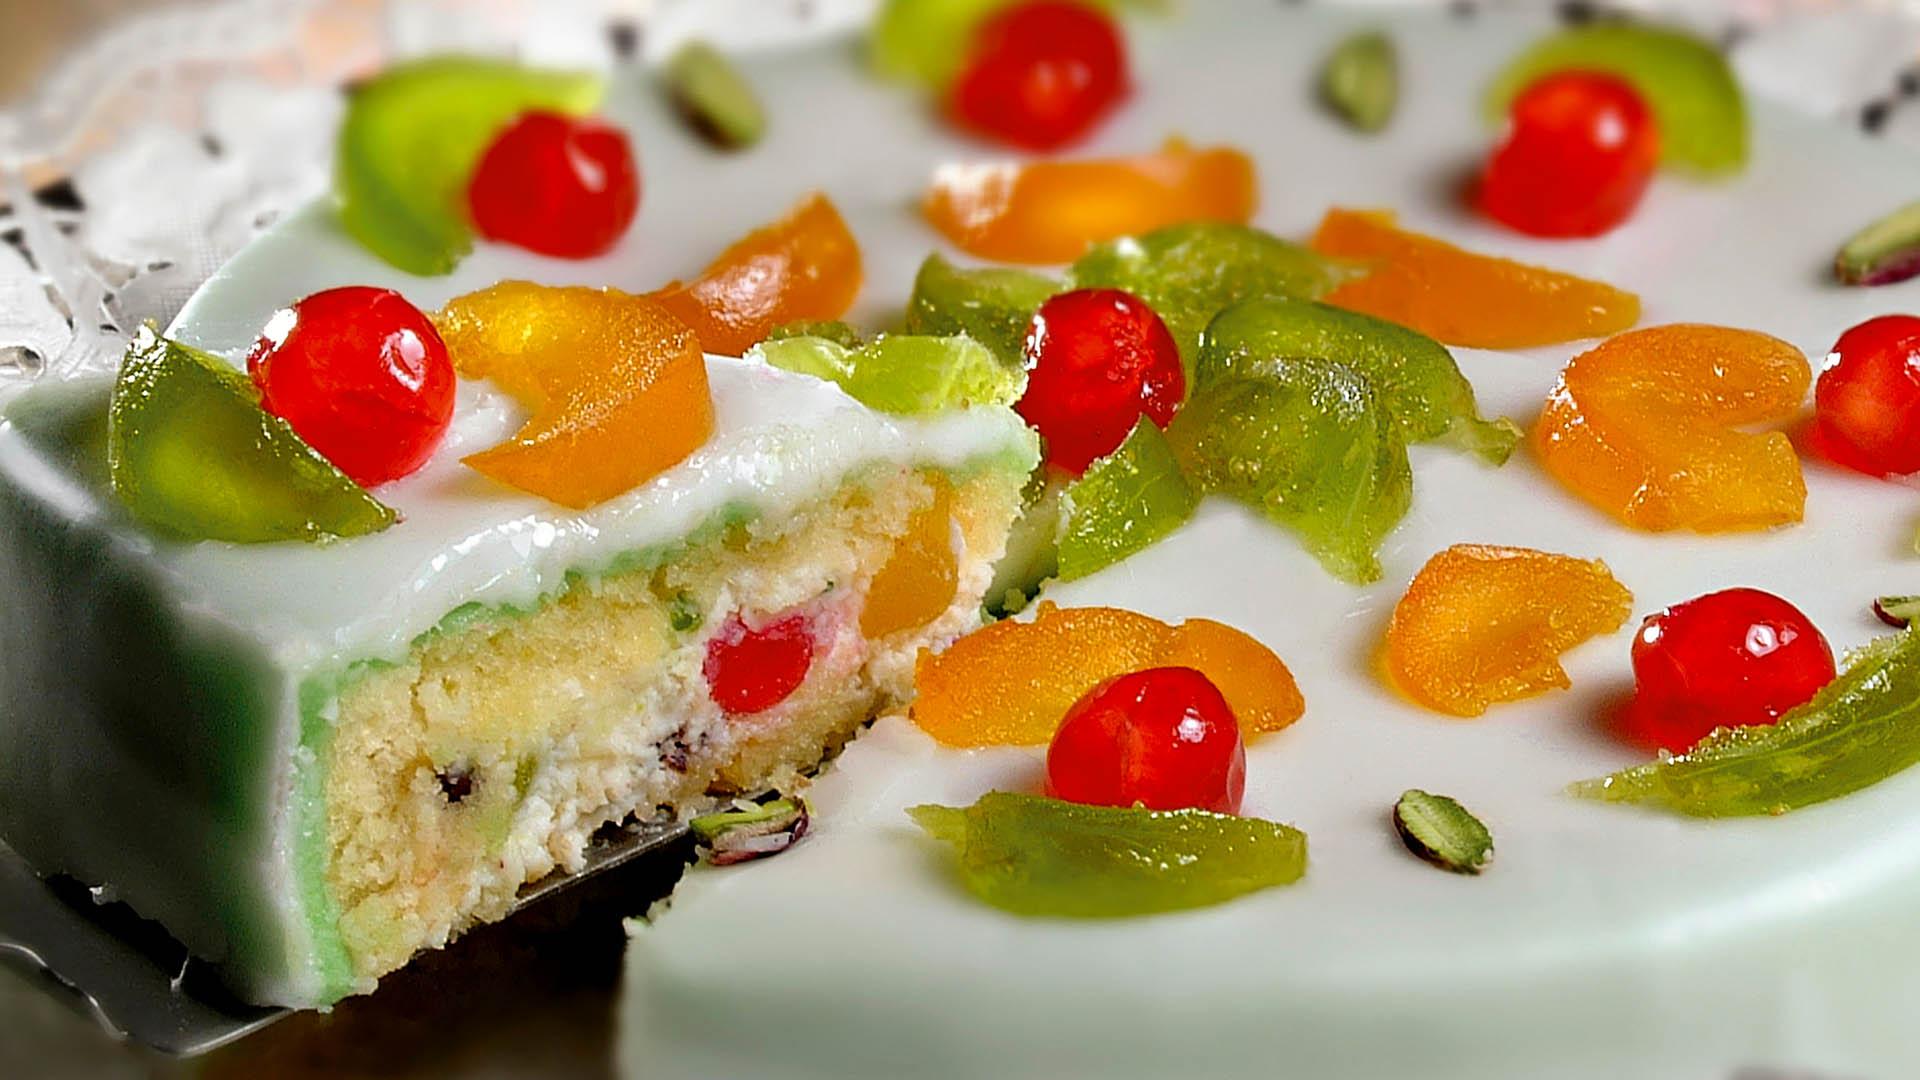 sicilian cassata cake recipe the authentic one